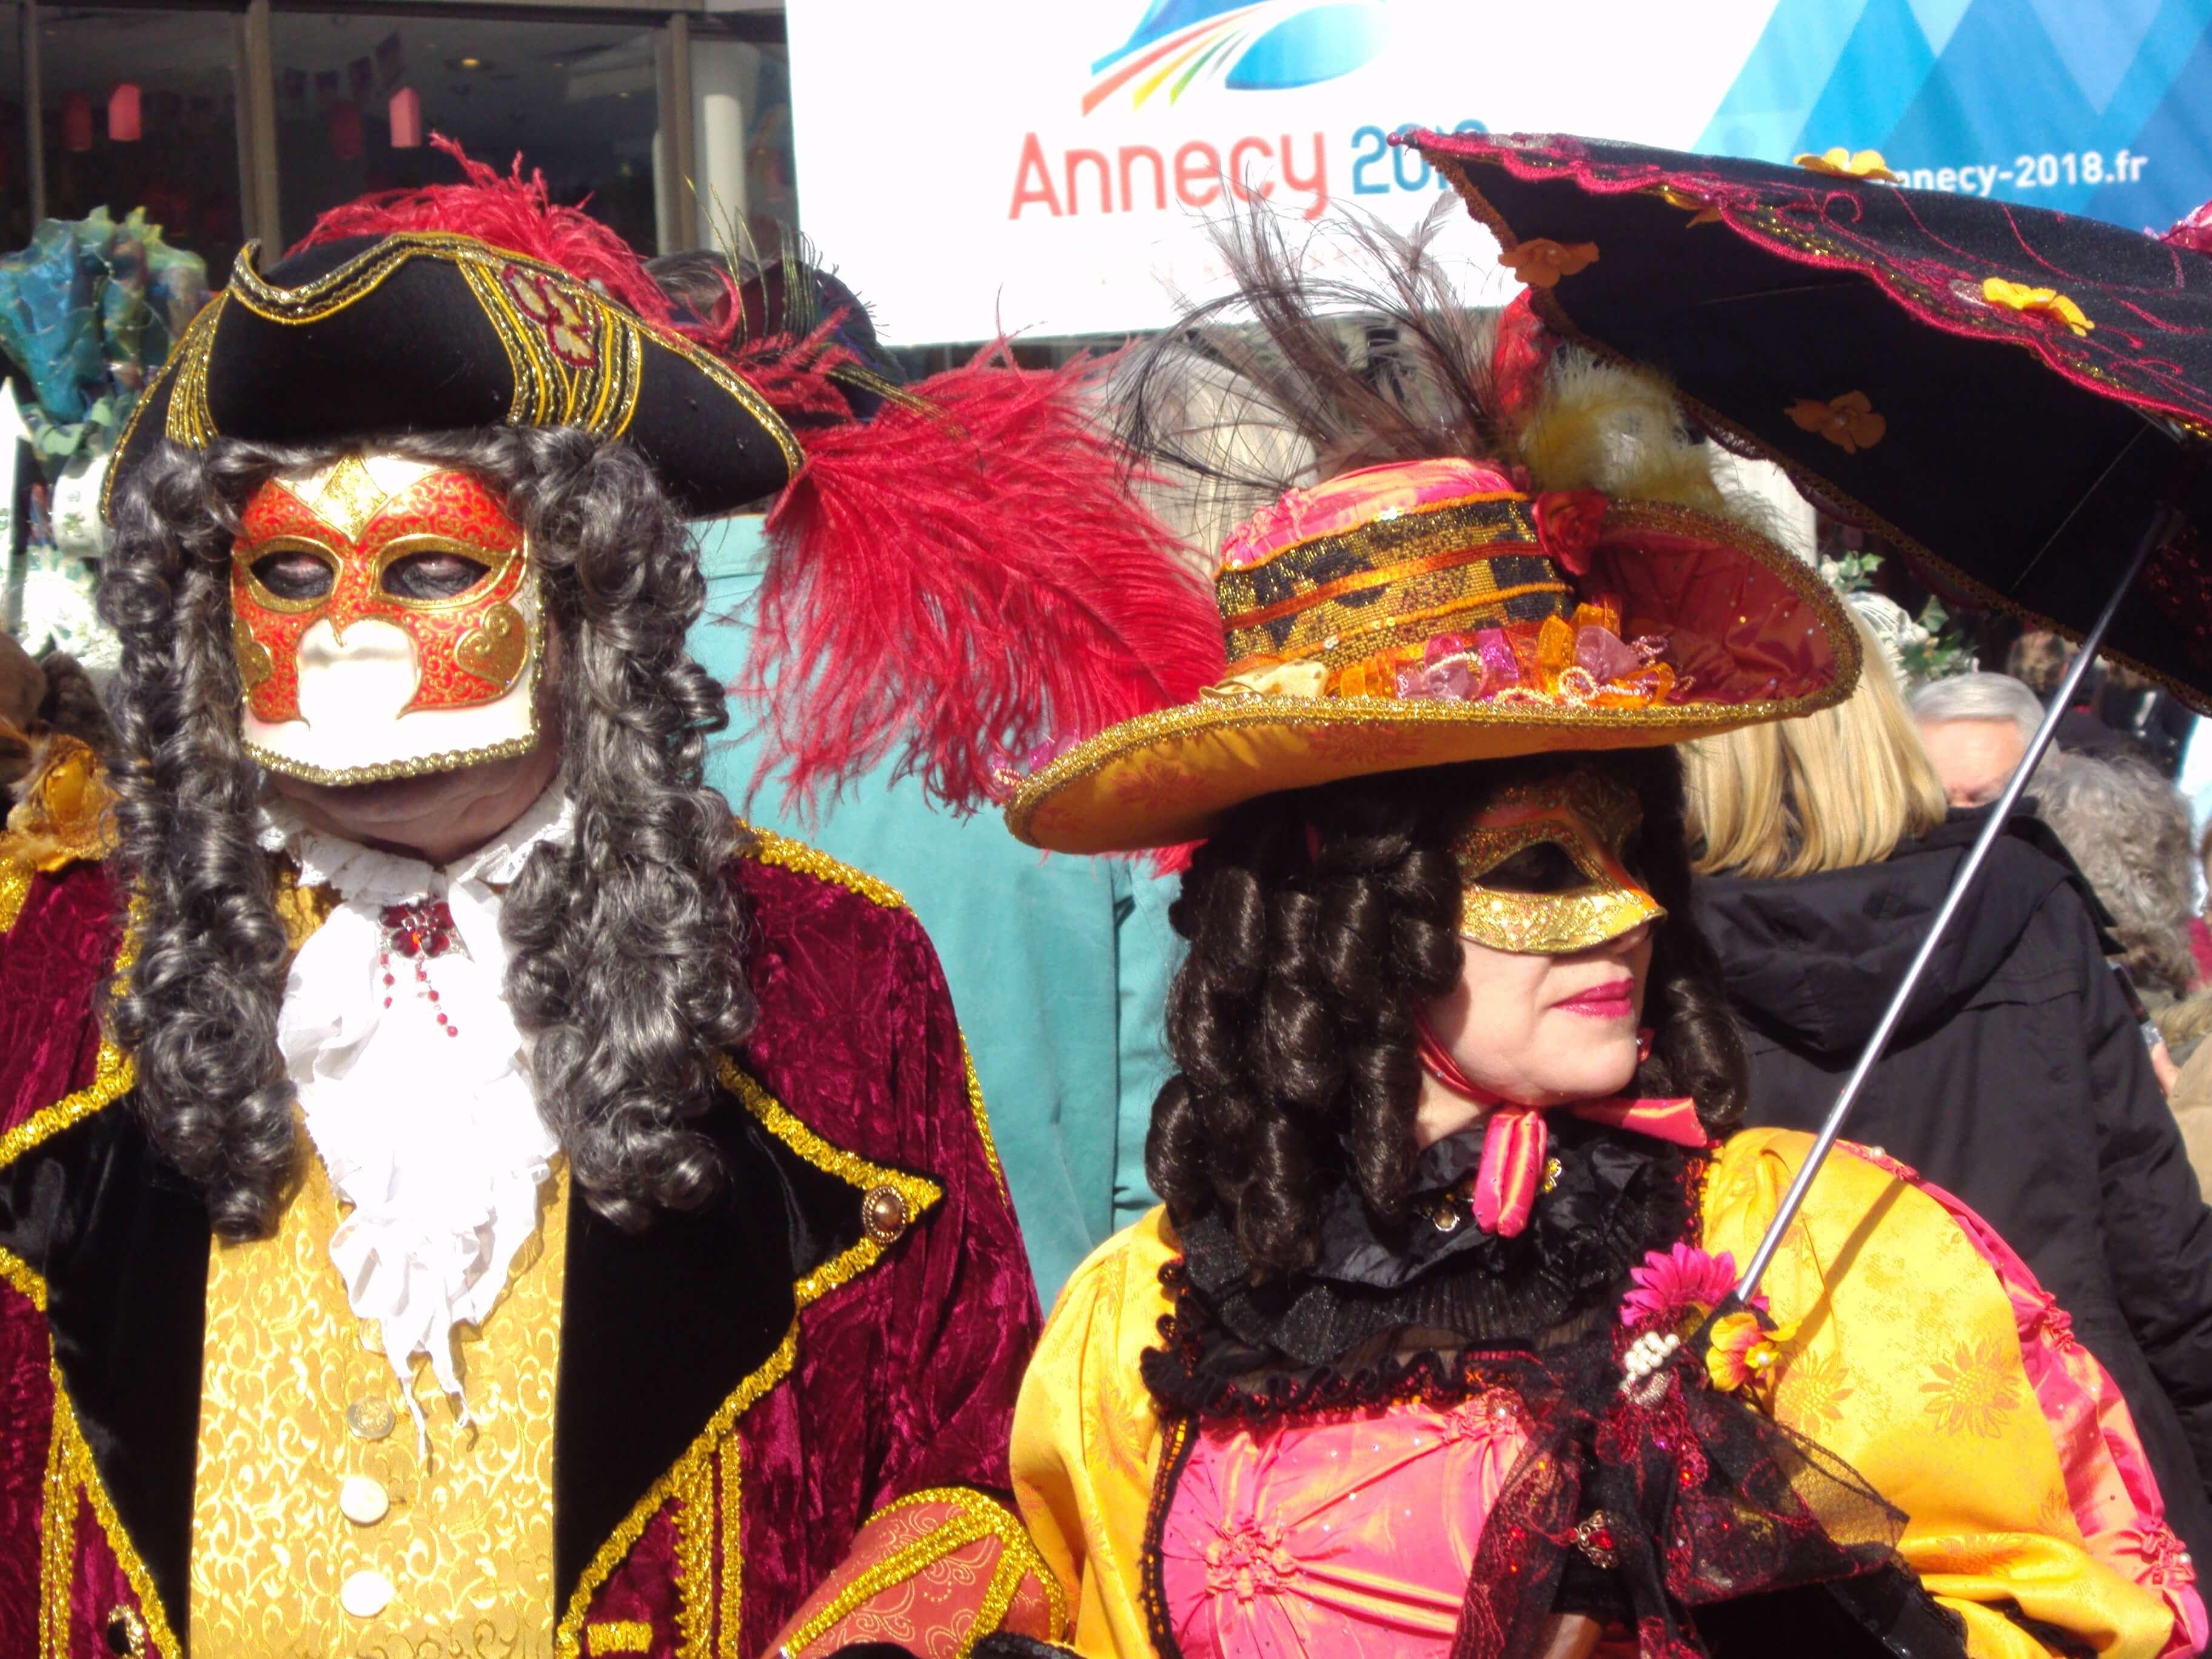 Annecy Venetian Carnival